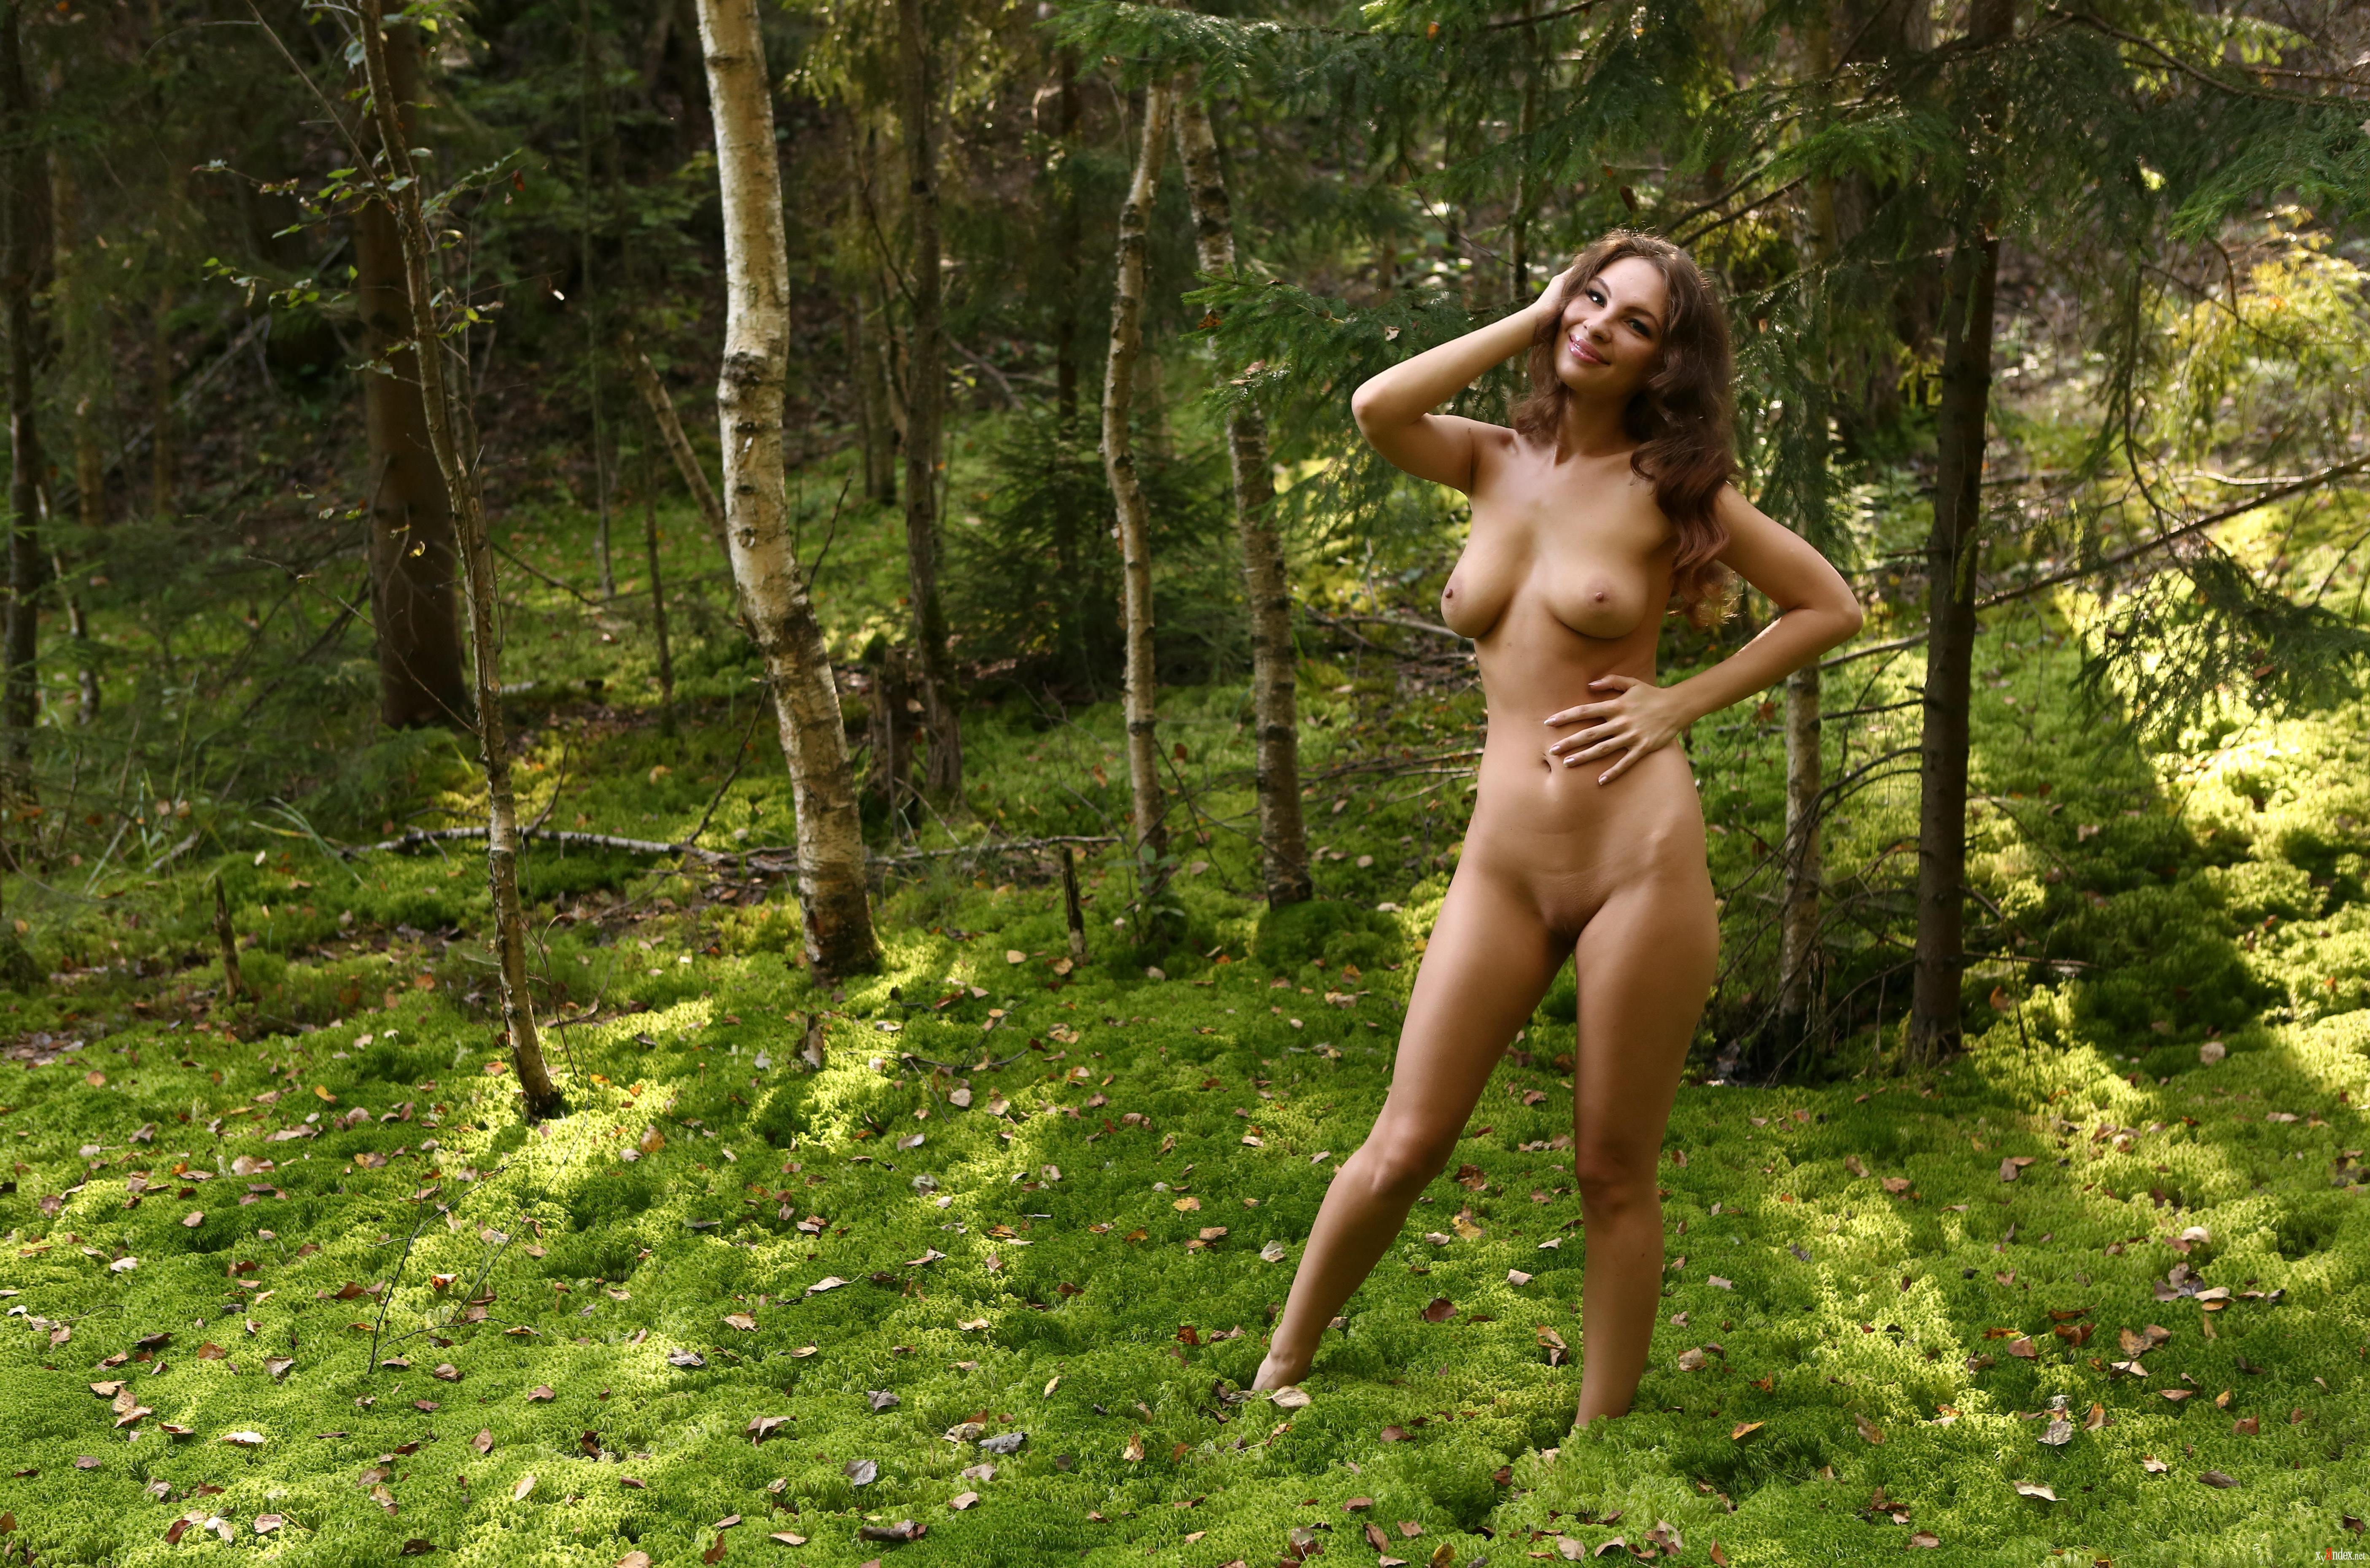 время ходила голышом по лесу видео свете всего вышесказанного